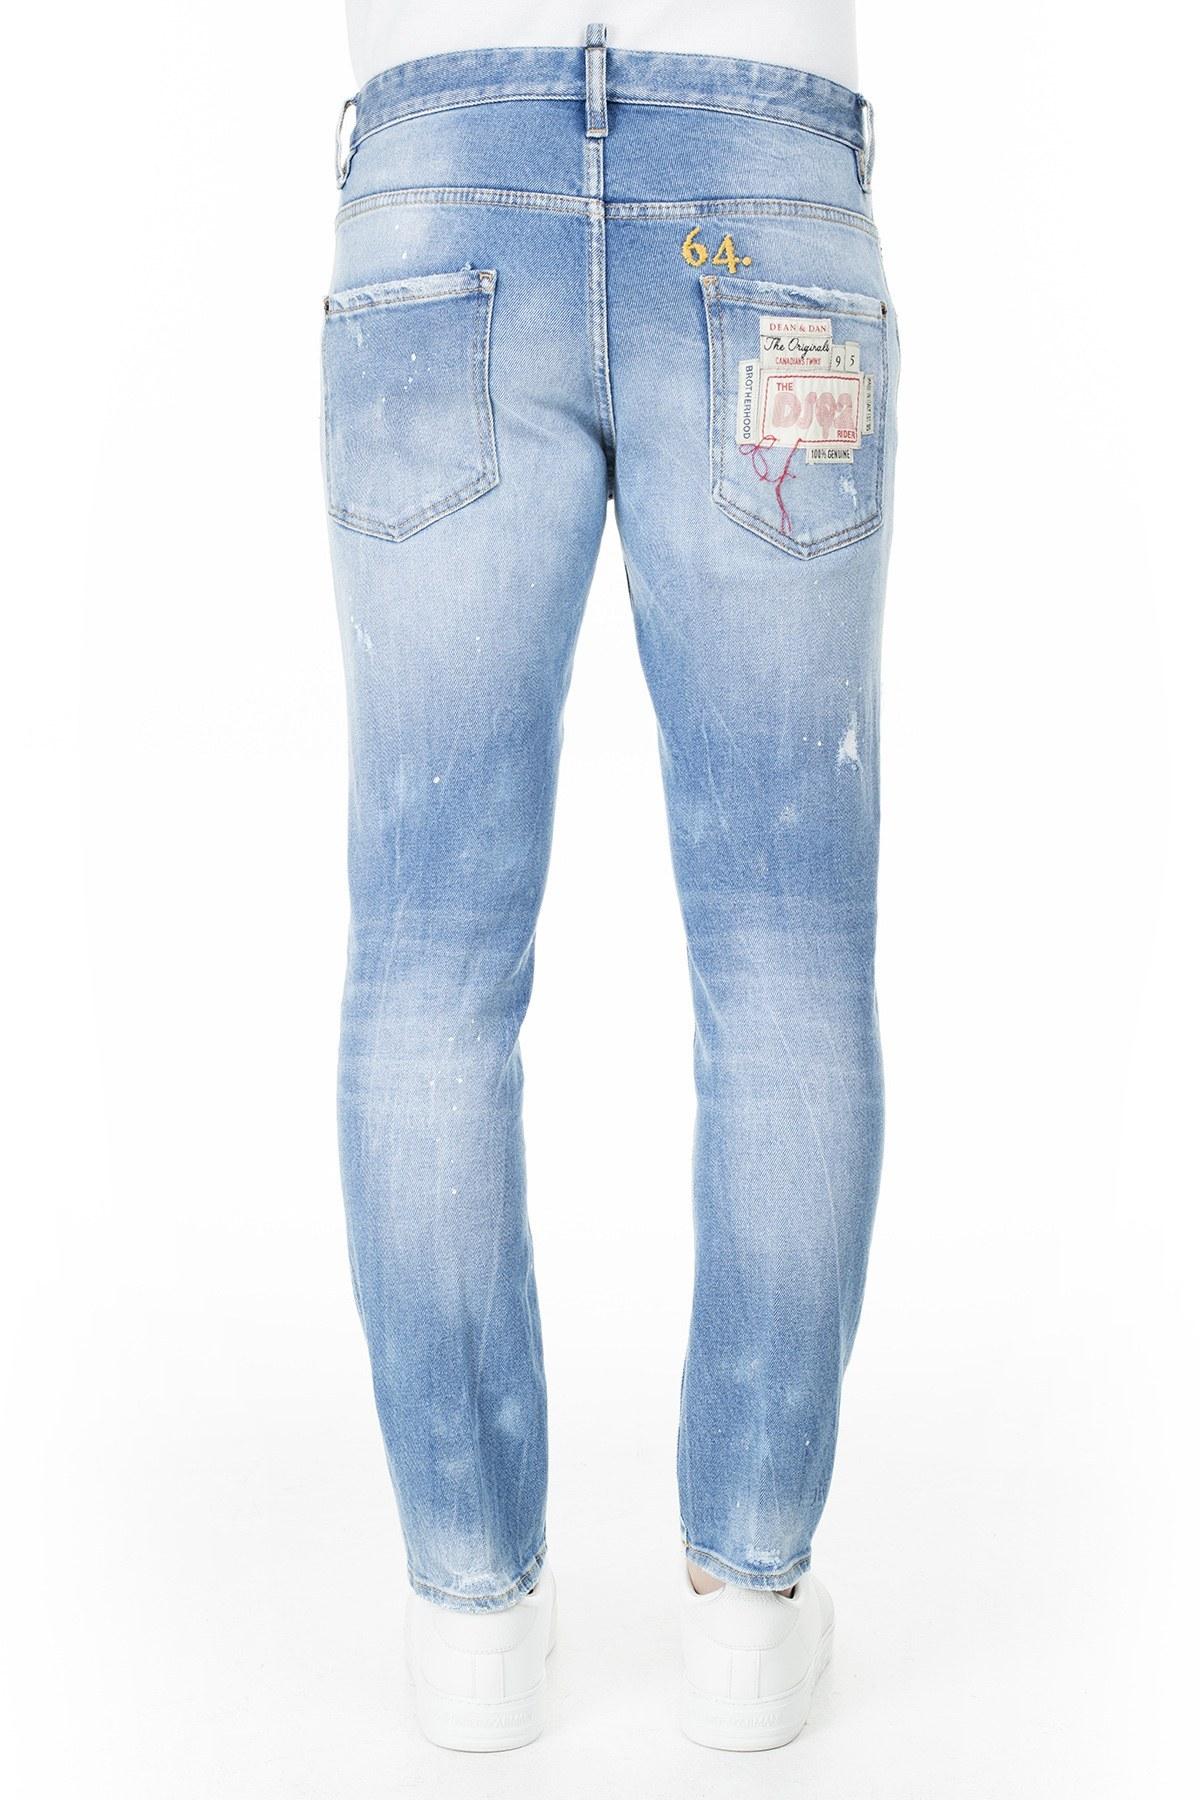 Dsquared2 Jeans Erkek Kot Pantolon S74LB0658 S30662 470 MAVİ